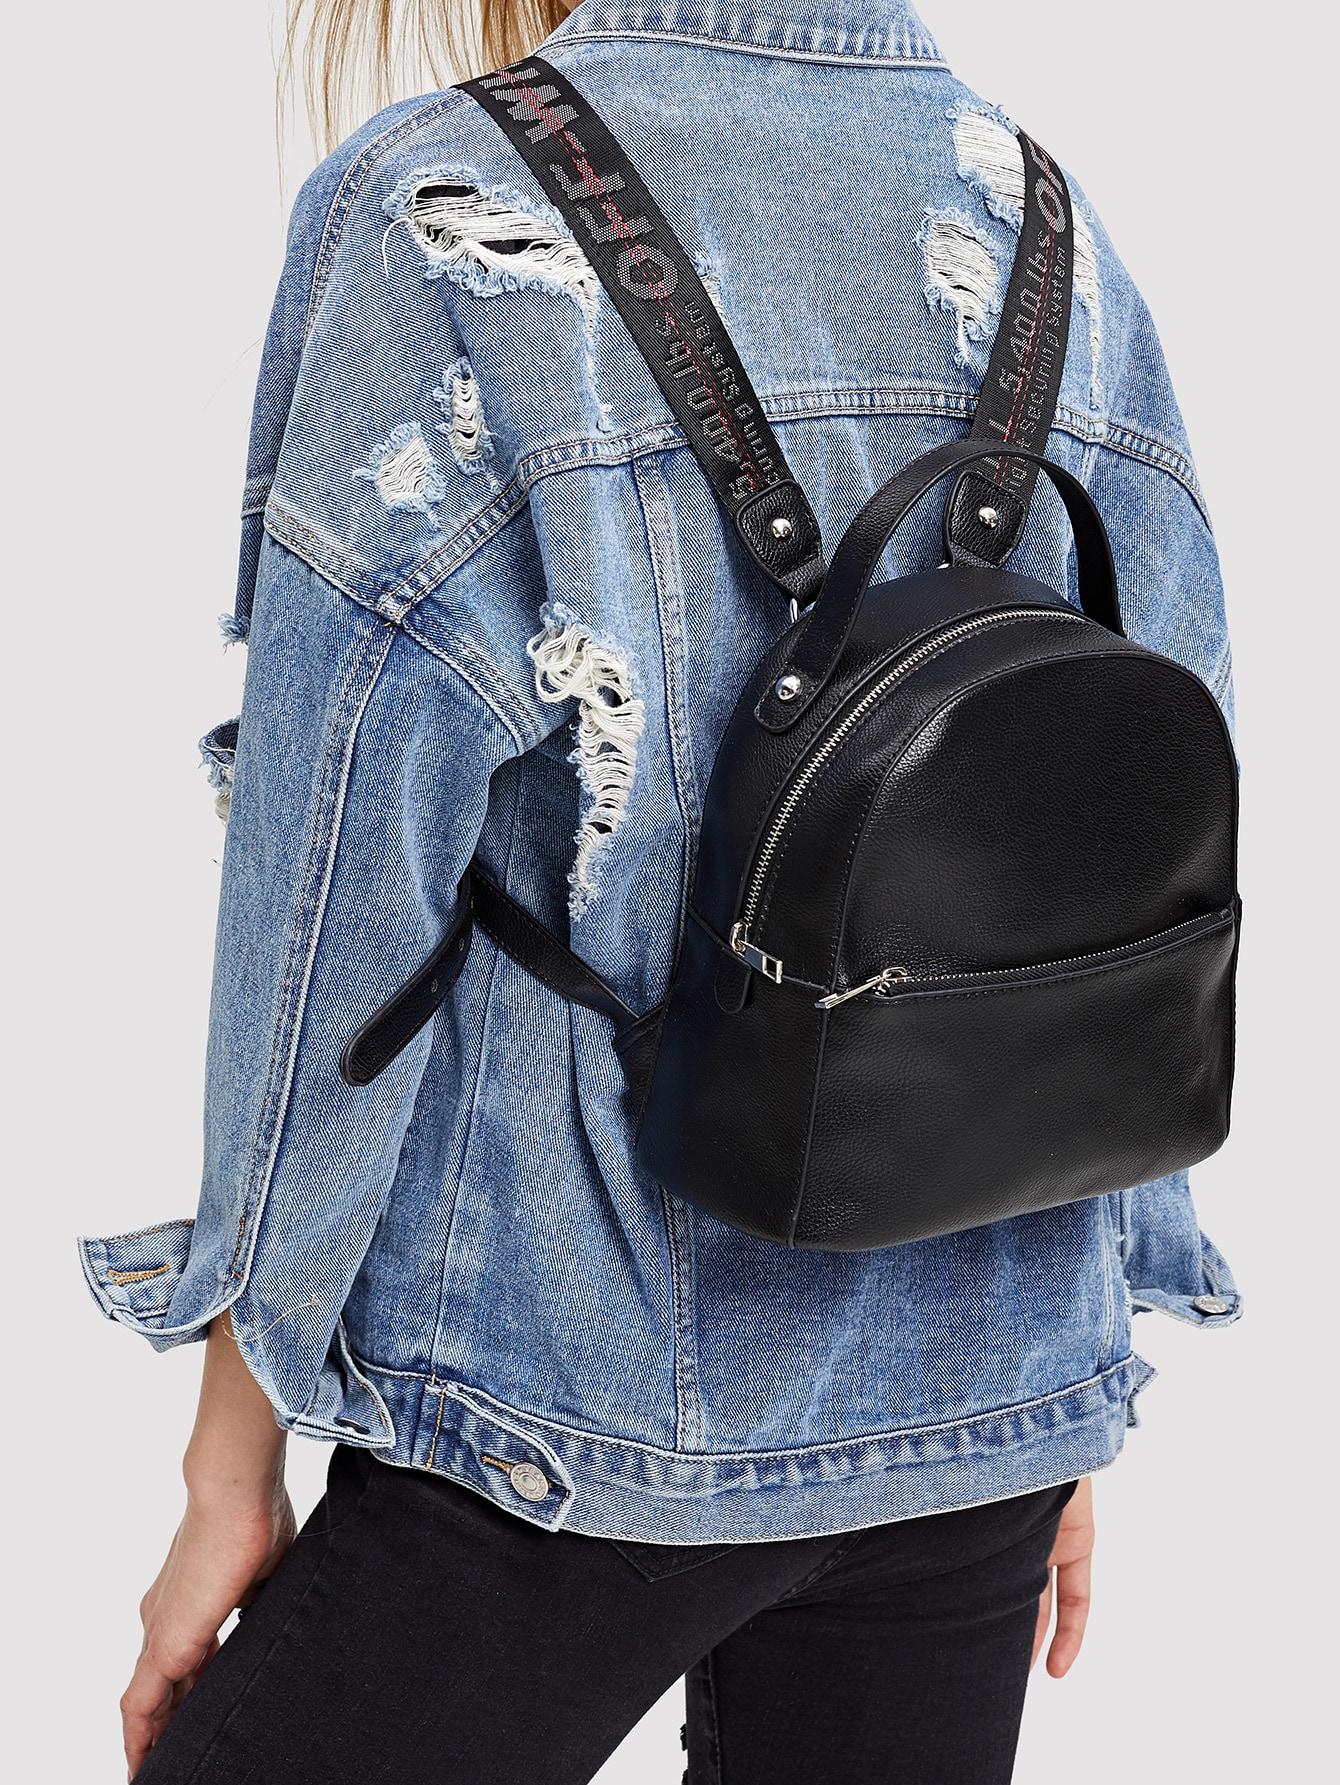 Купить Однотонный рюкзак с застёжкой молния и гитарным ремешком, null, SheIn